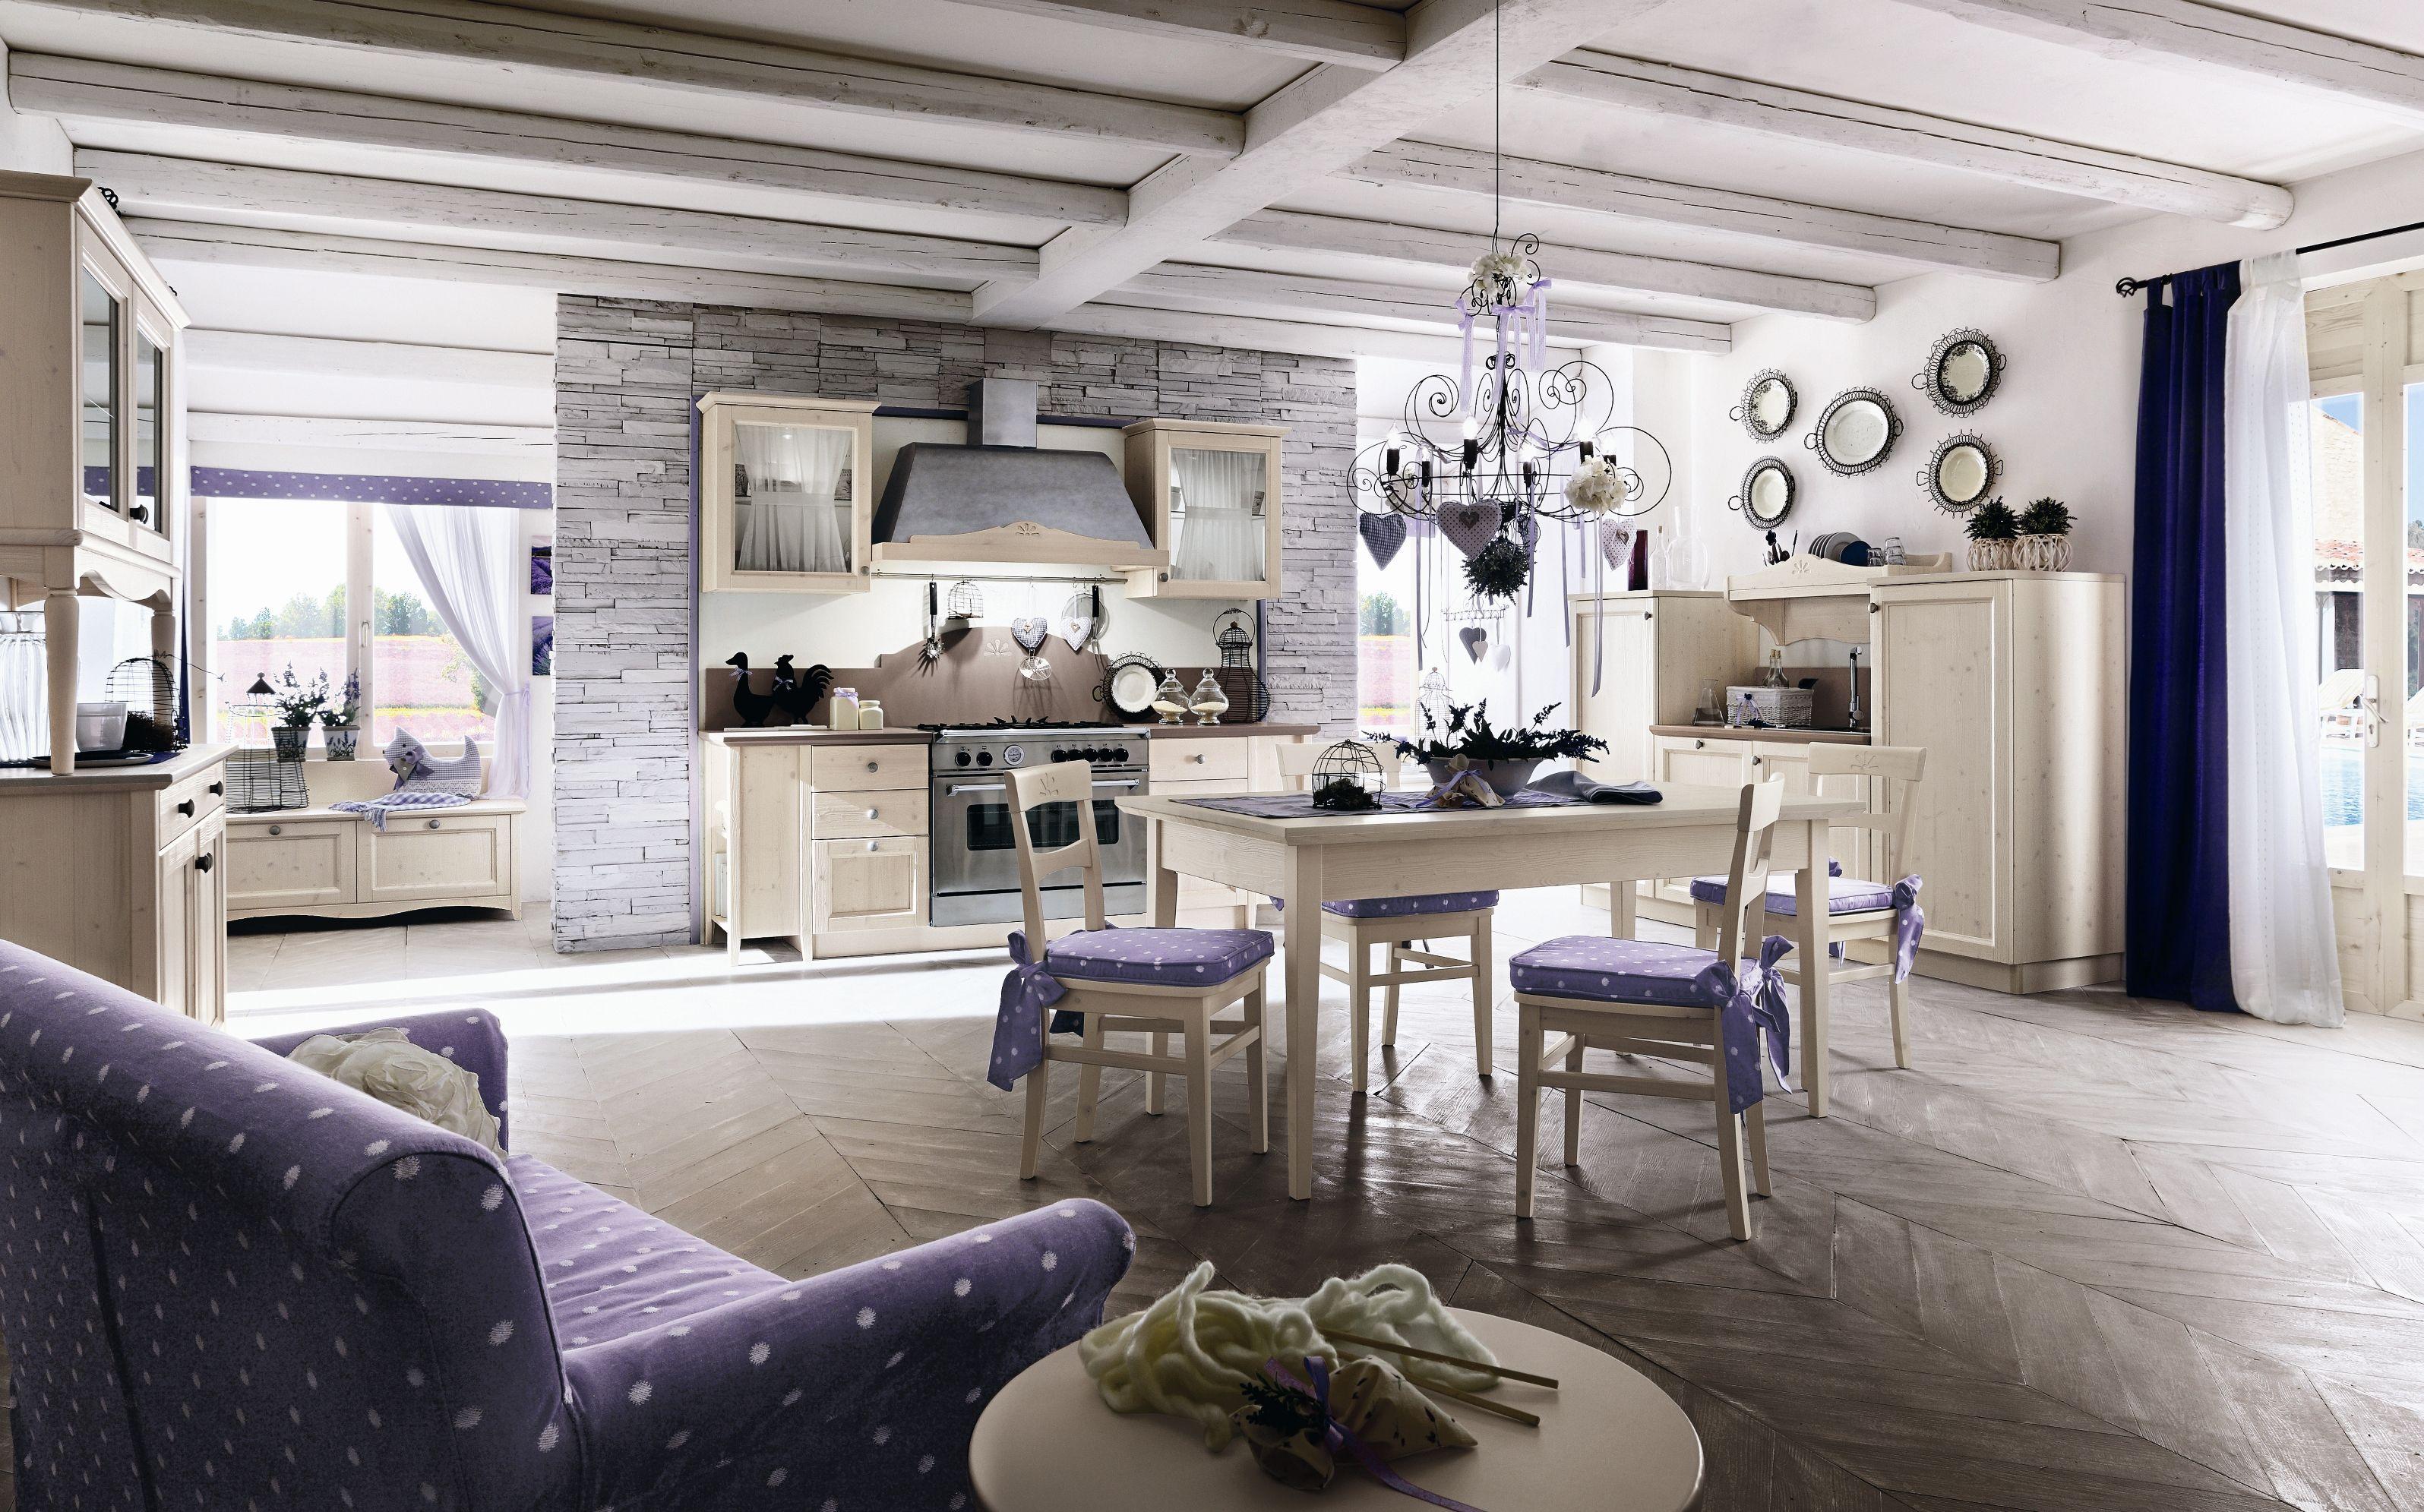 Cucina E Soggiorno Rustico arredamento rustico e moderno insieme. beautiful arredamento